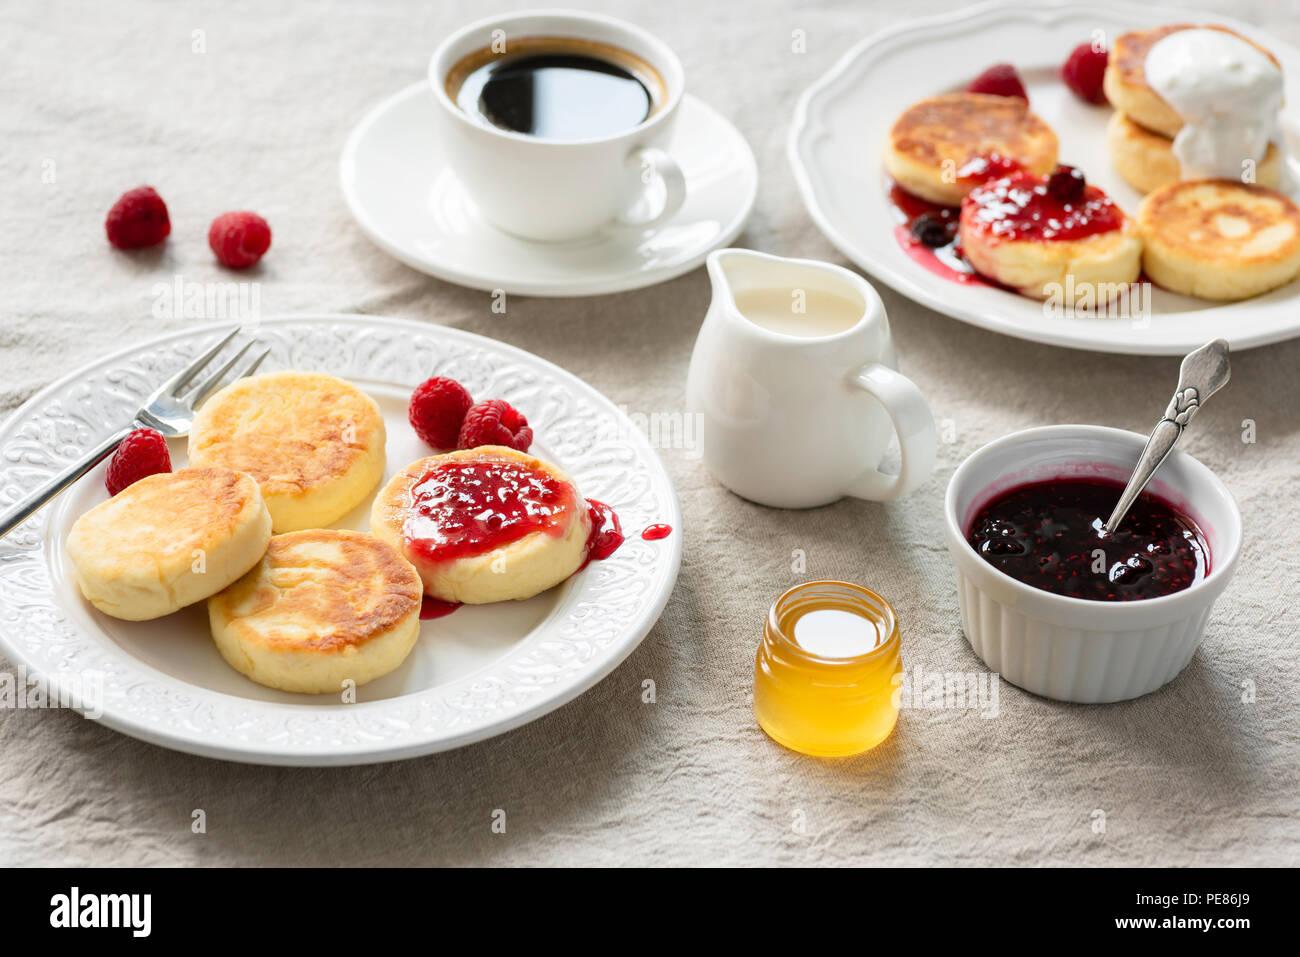 Requesón panqueques con mermelada, miel y crema agria. Syrniki, sirniki. Cocina rusa, ucraniana. Delicioso desayuno saludable en la mesa cubierta con li Foto de stock